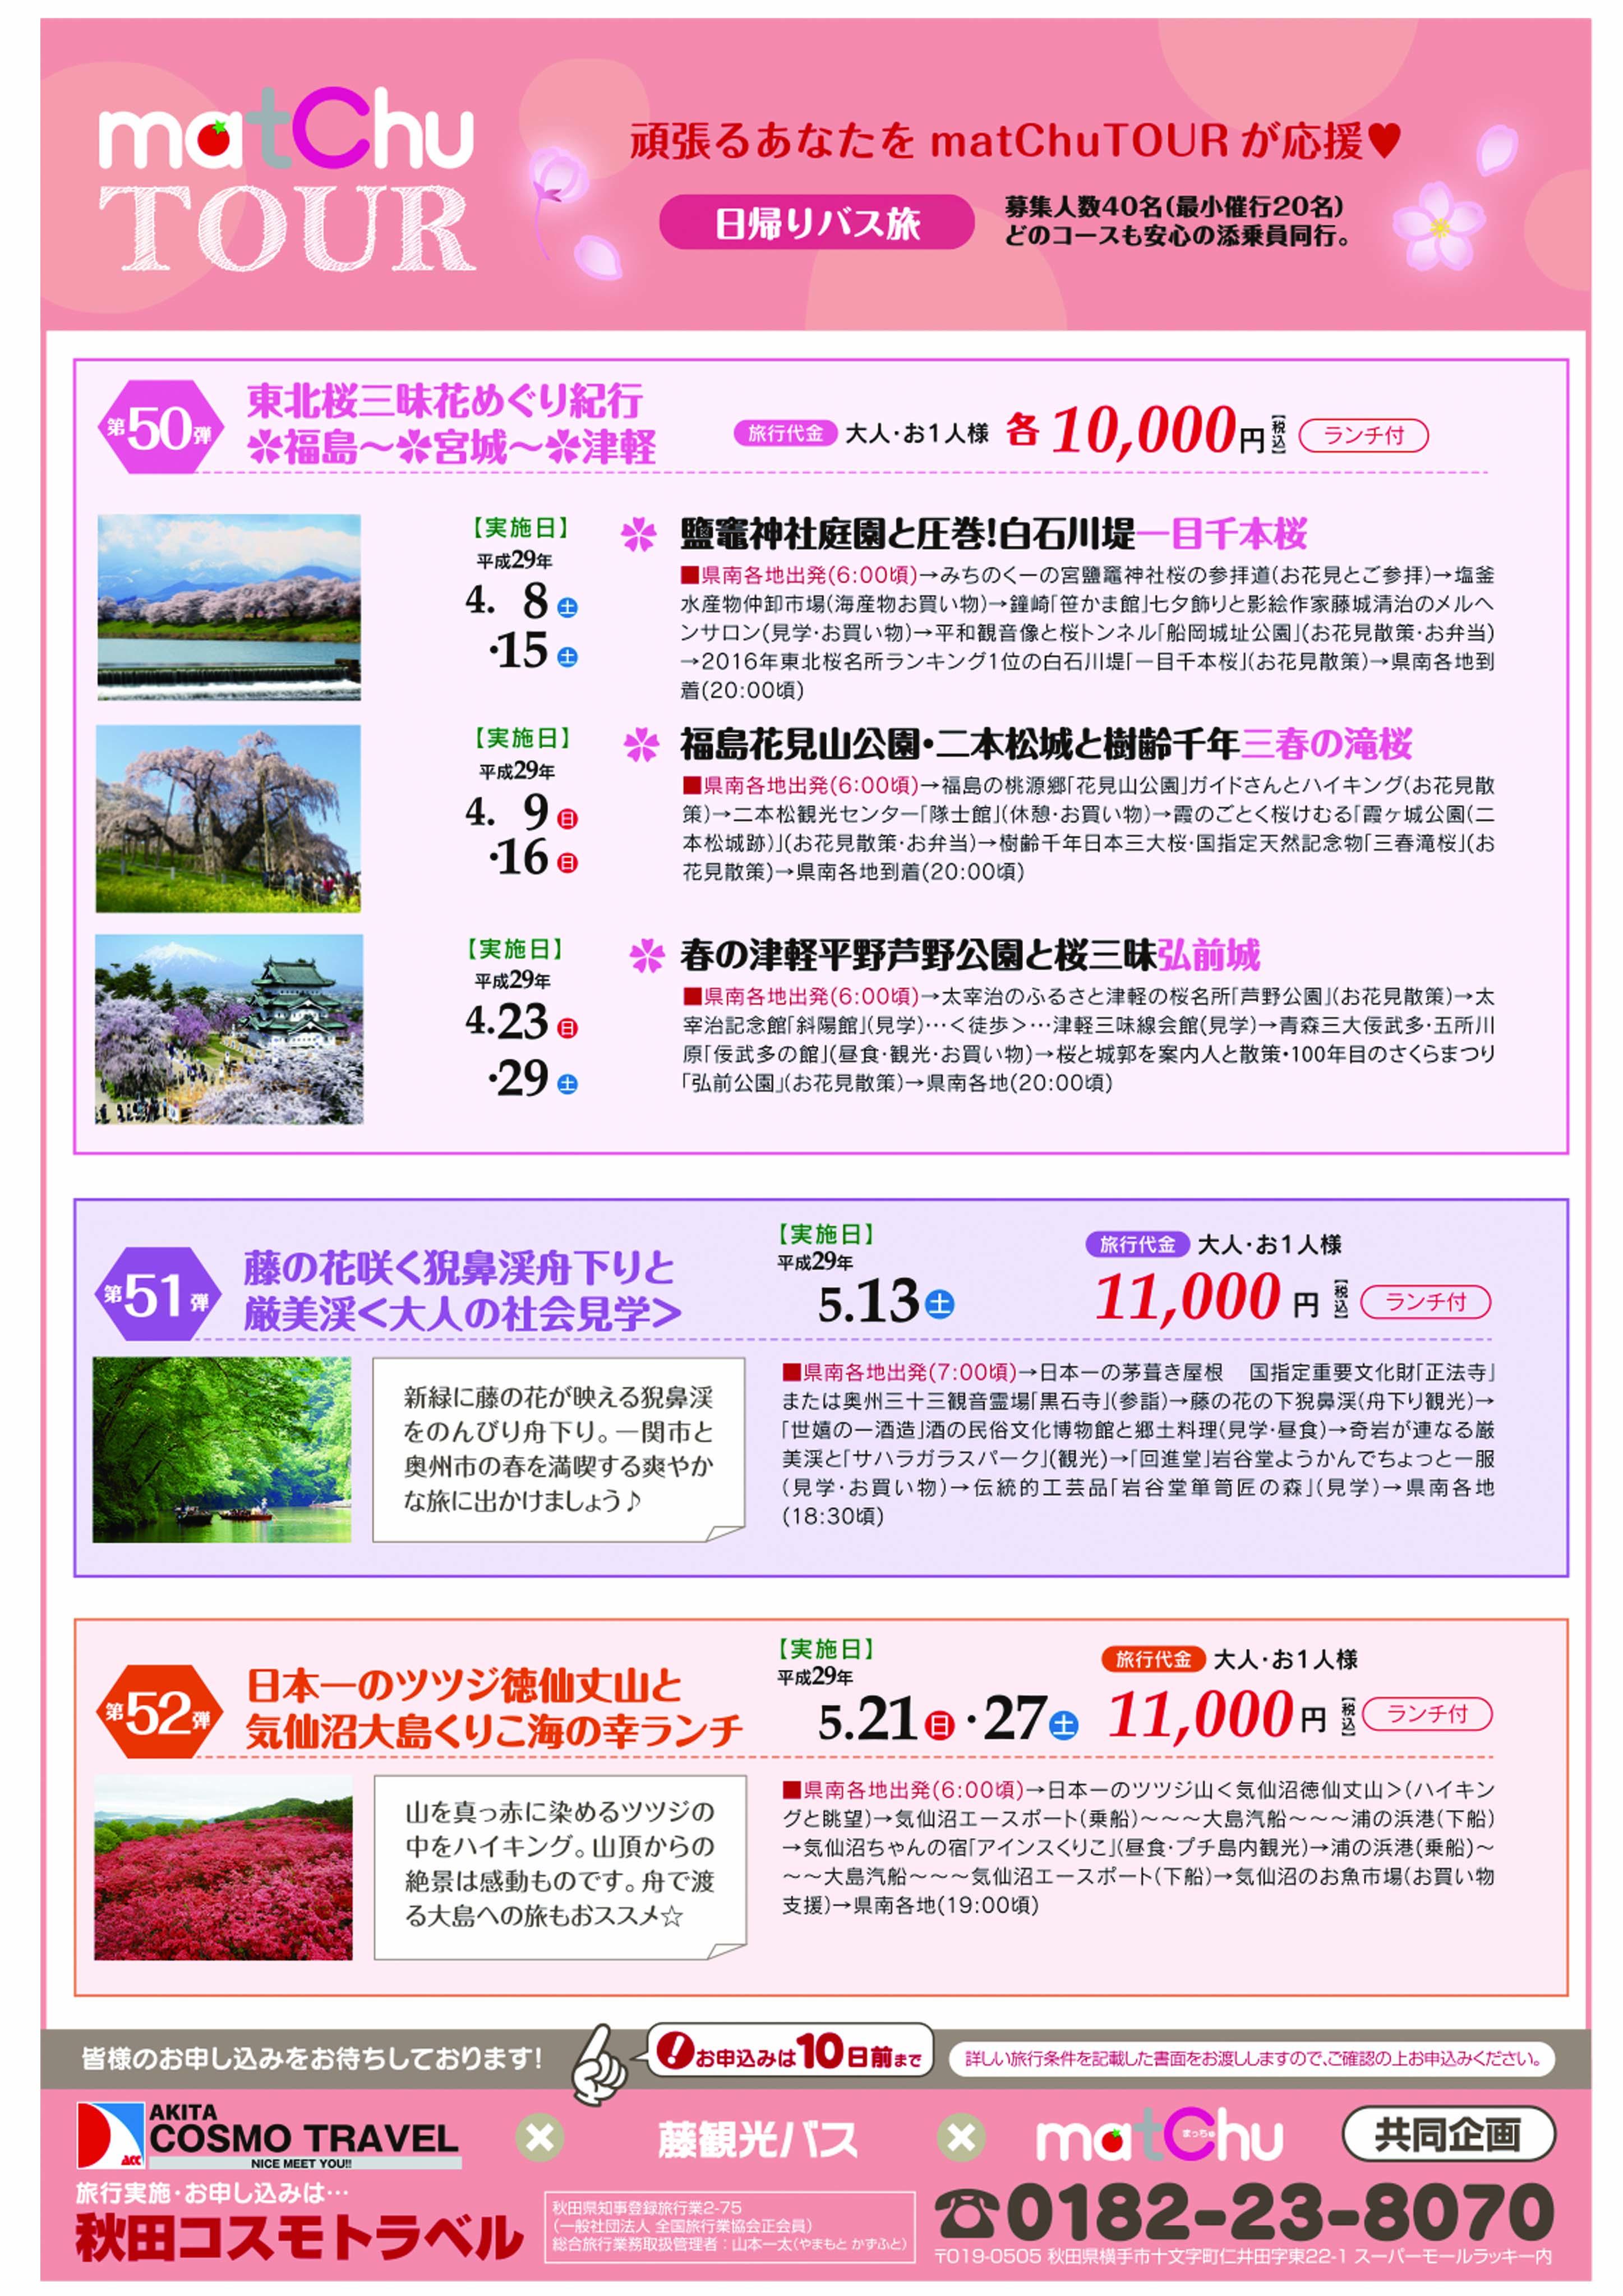 ☆ matChu tourのイメージ